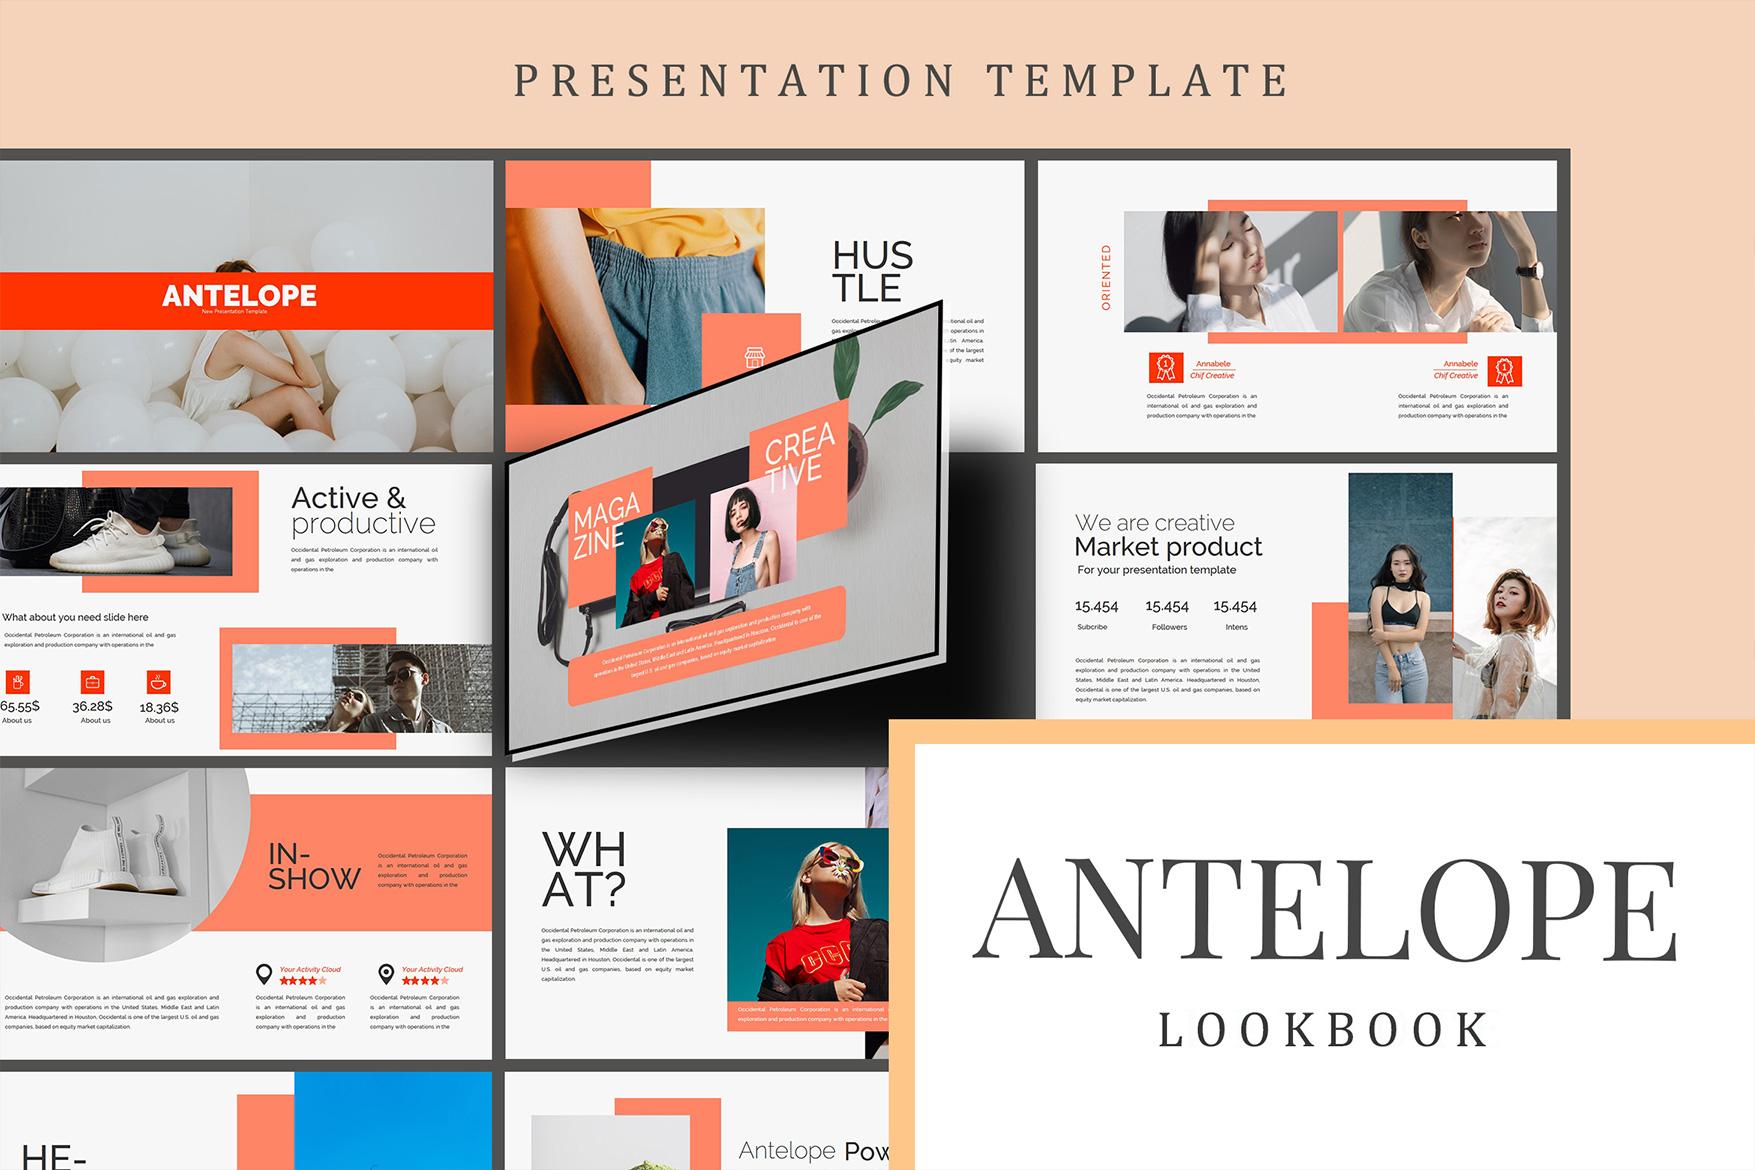 Antelope Lookbook Keynote Template example image 5